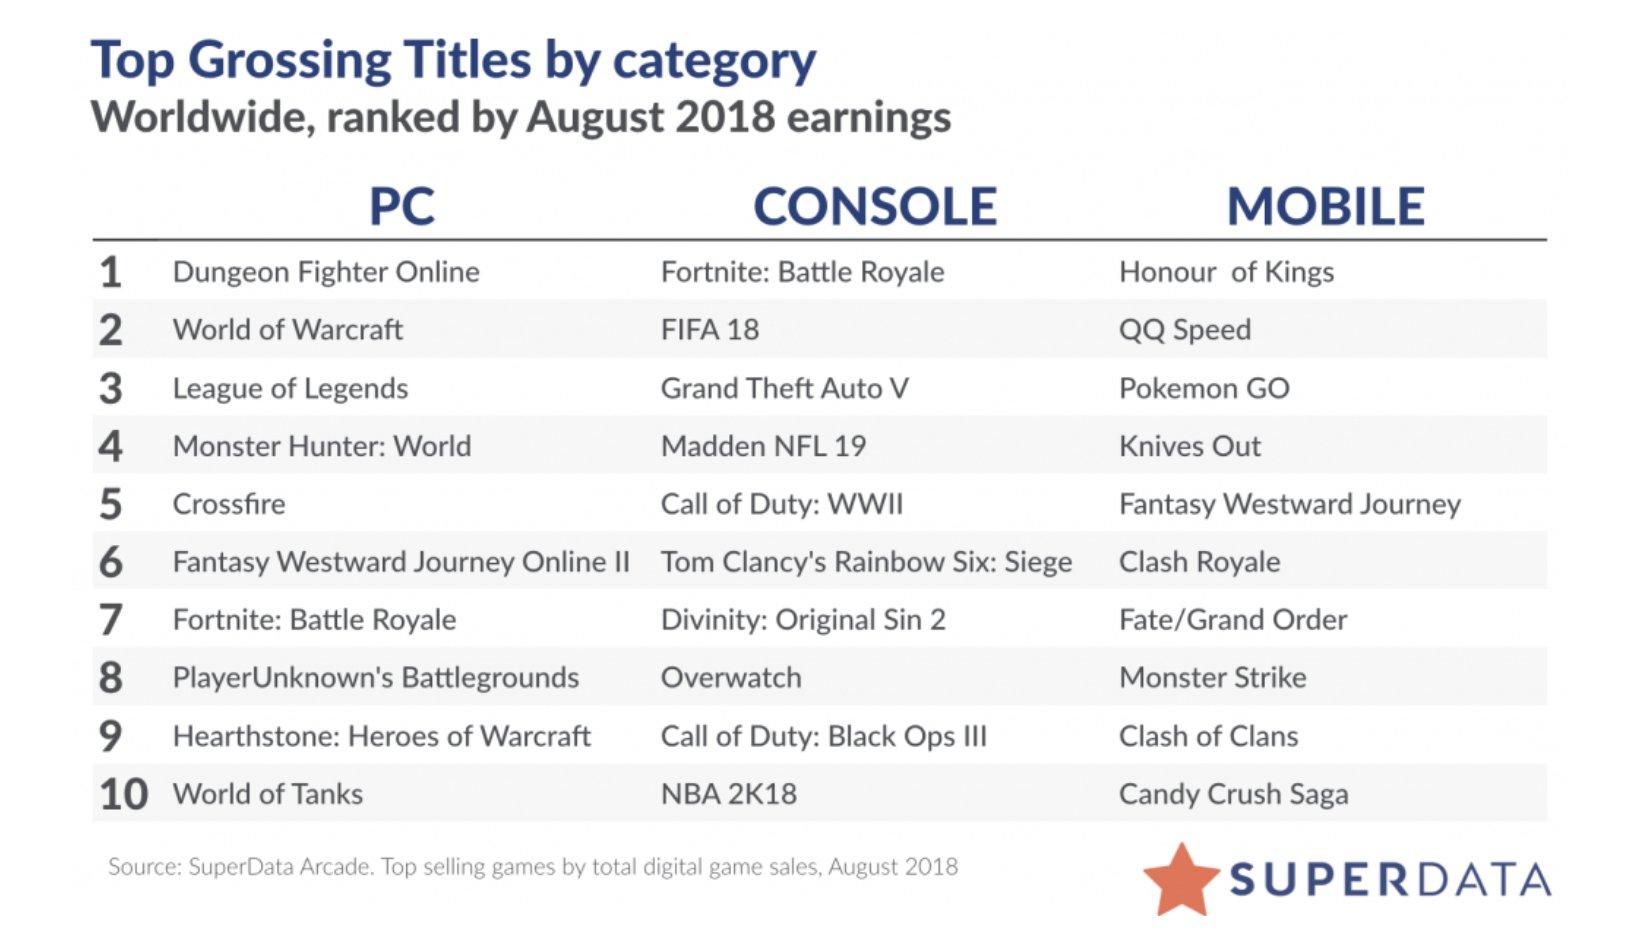 Liste der umsatzstärksten Spiele im August 2018